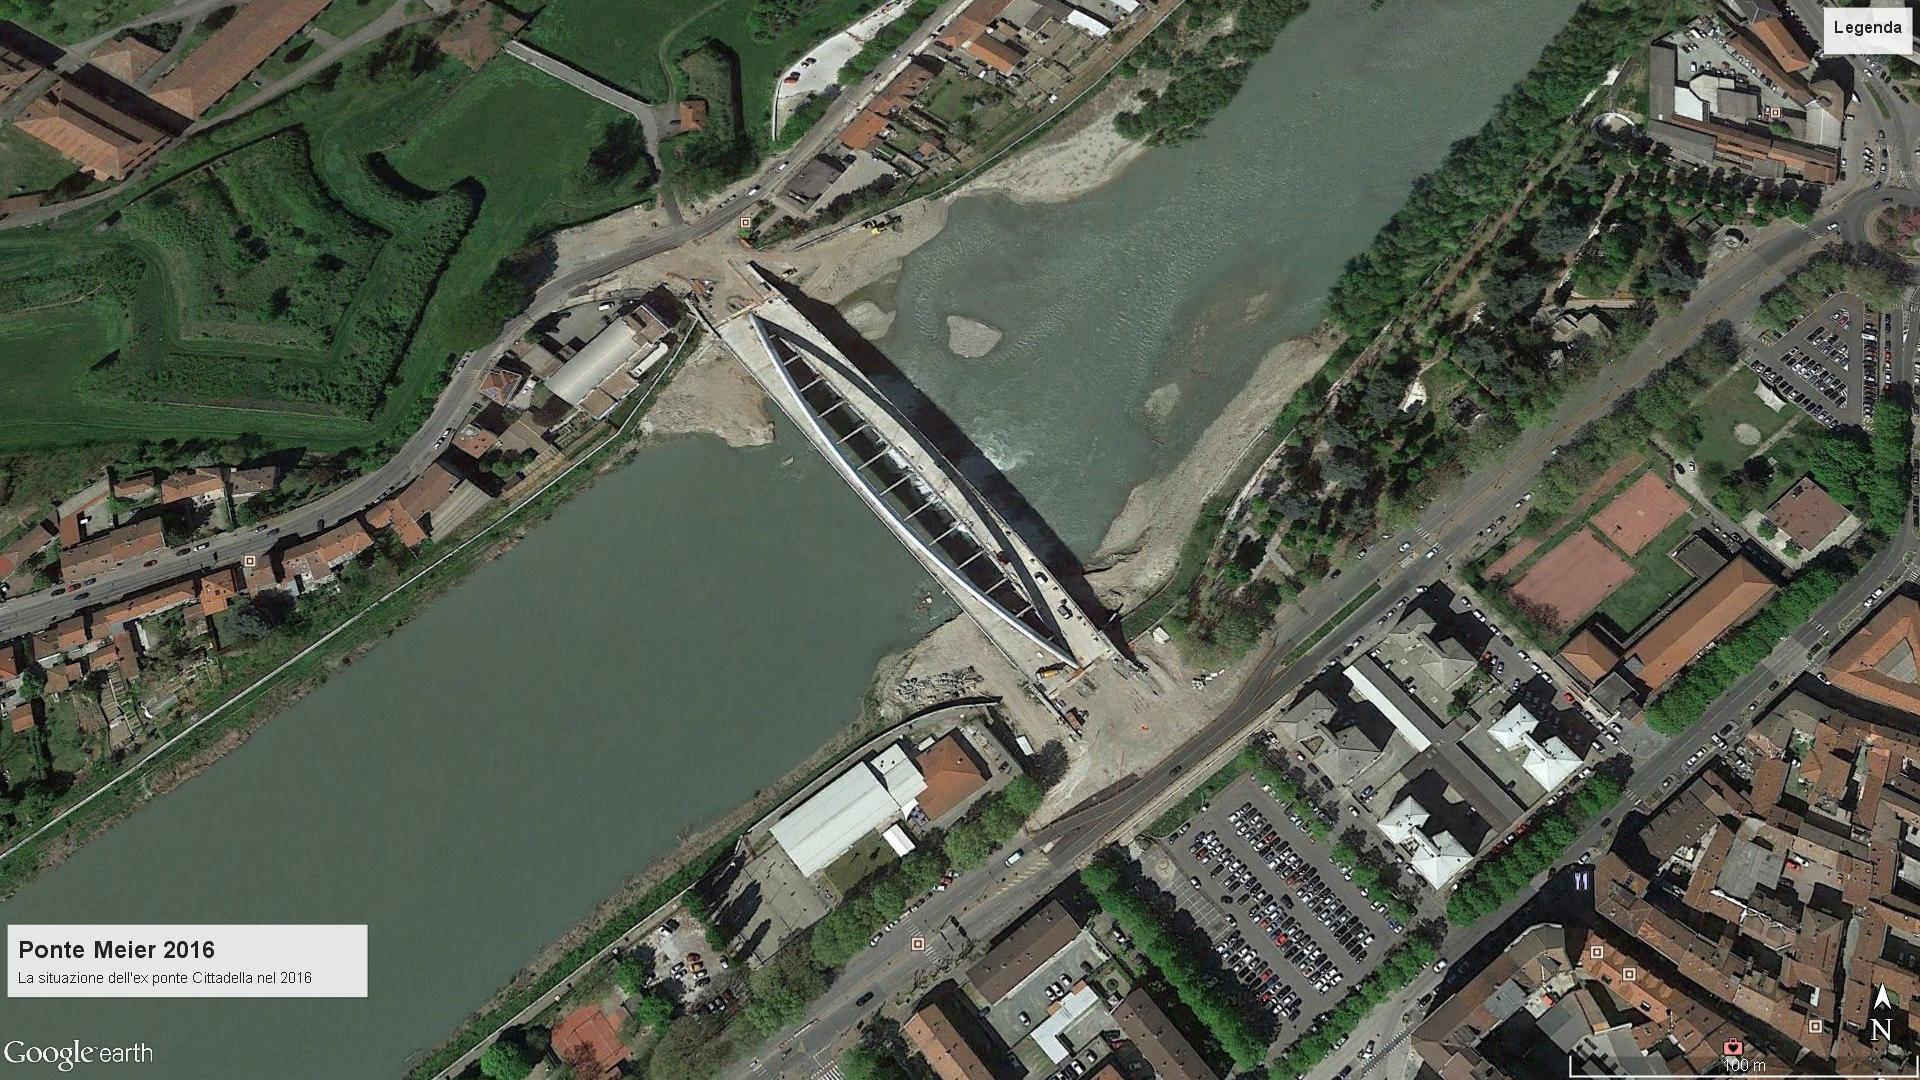 Ponte Meier 2016